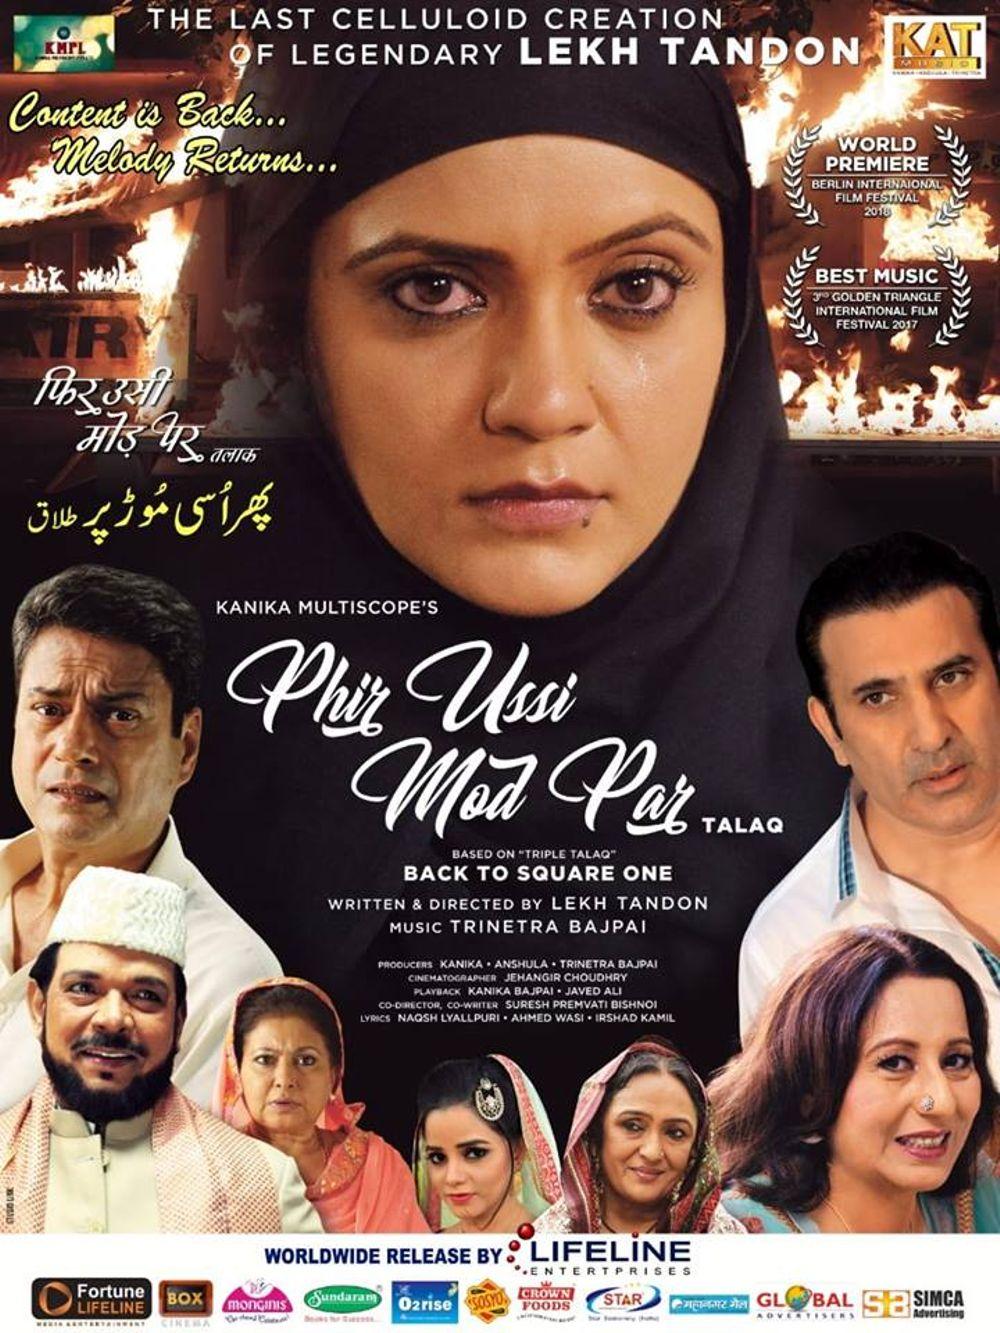 Phir Ussi Mod Par Movie Review